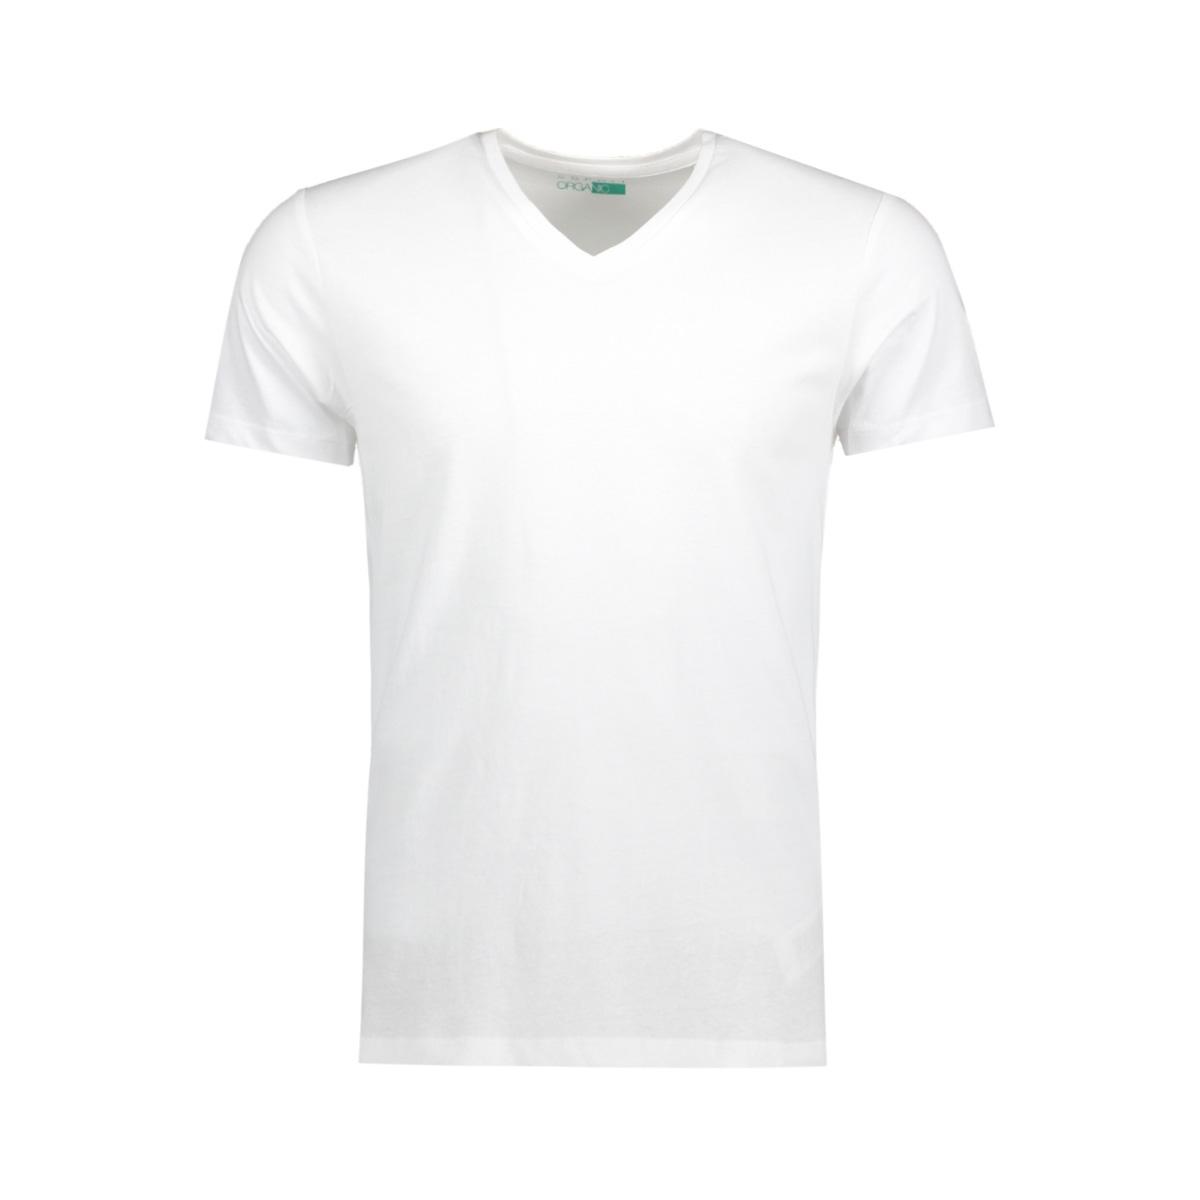 997ee2k821 esprit t-shirt e100